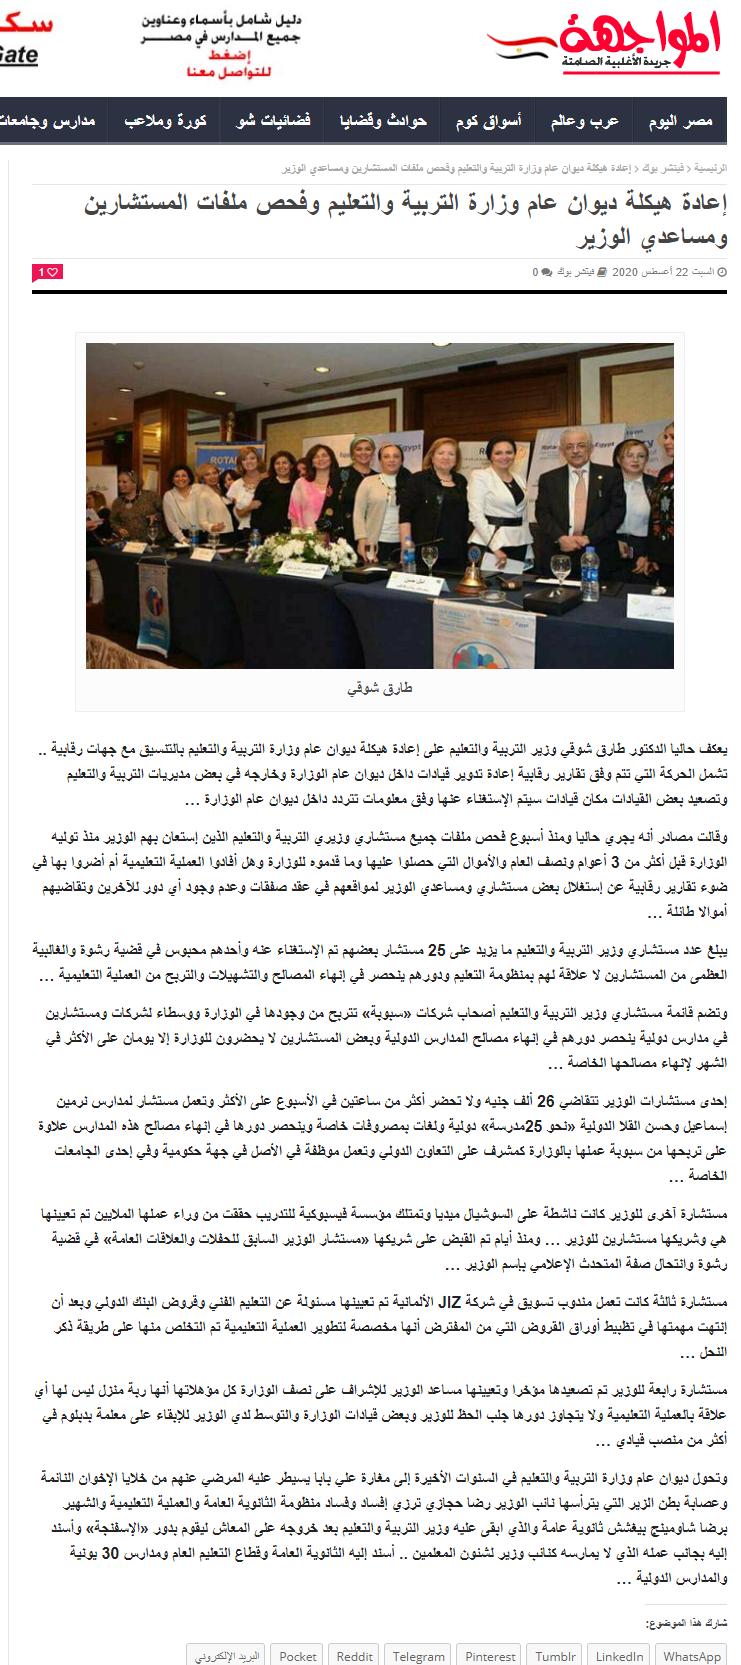 المواجهة: إعادة هيكلة ديوان وزارة التربية والتعليم وفحص ملفات المستشارين ومساعدي الوزير Screen34